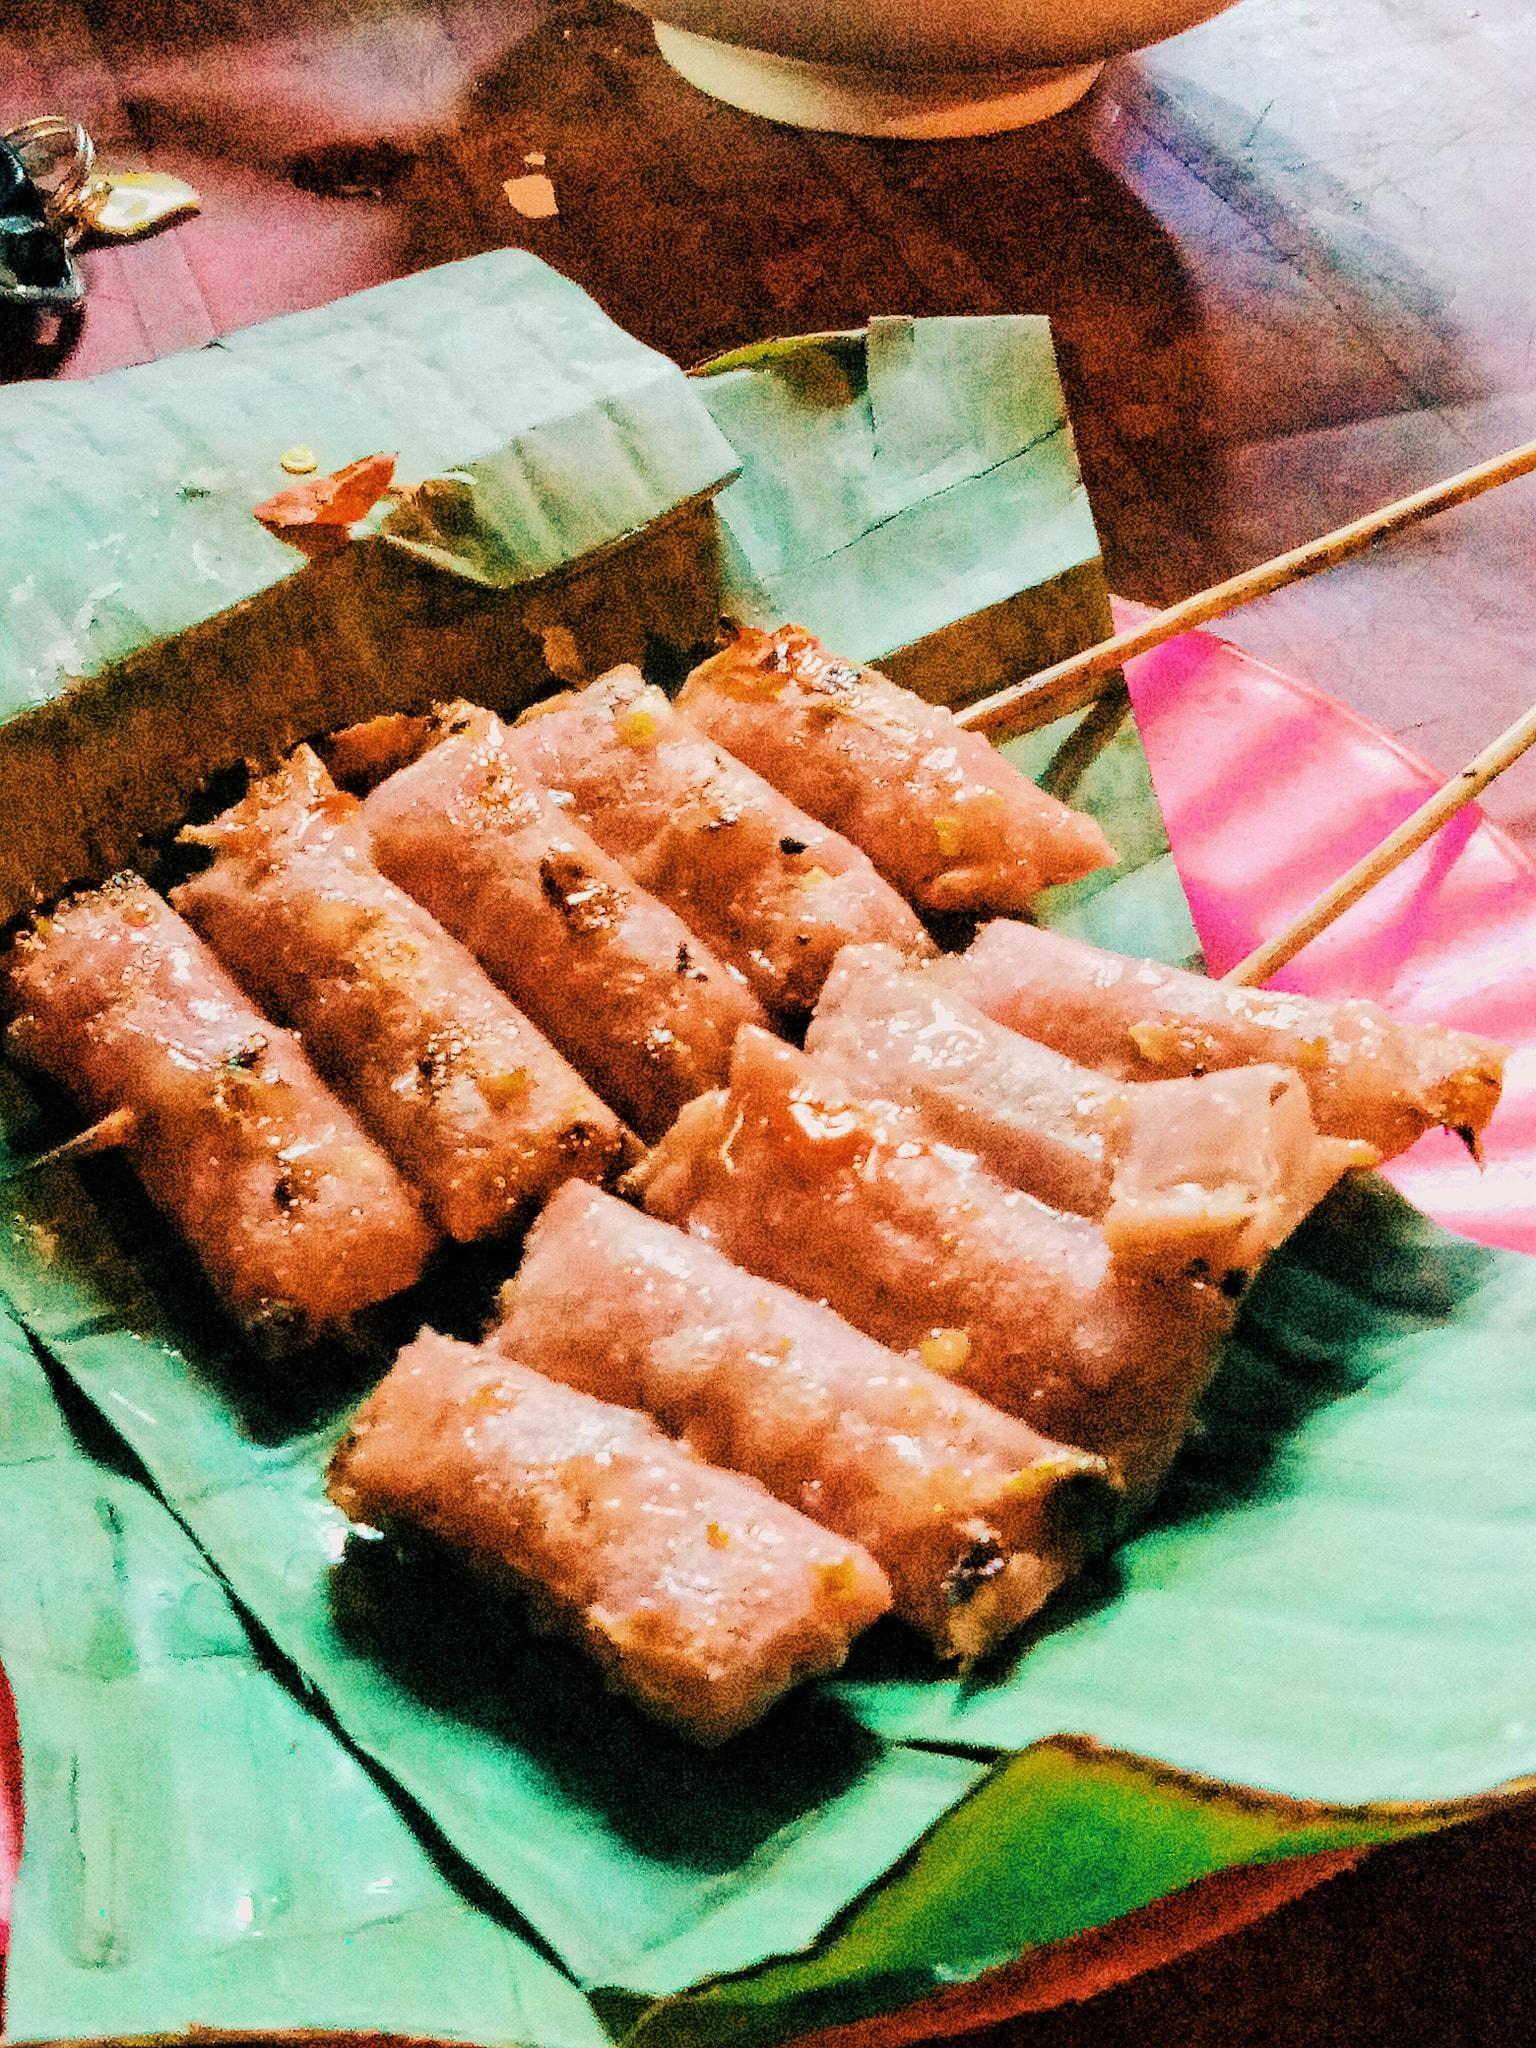 Gà nướng Sa lửa và cơm lam ở quán Tơ Bưng